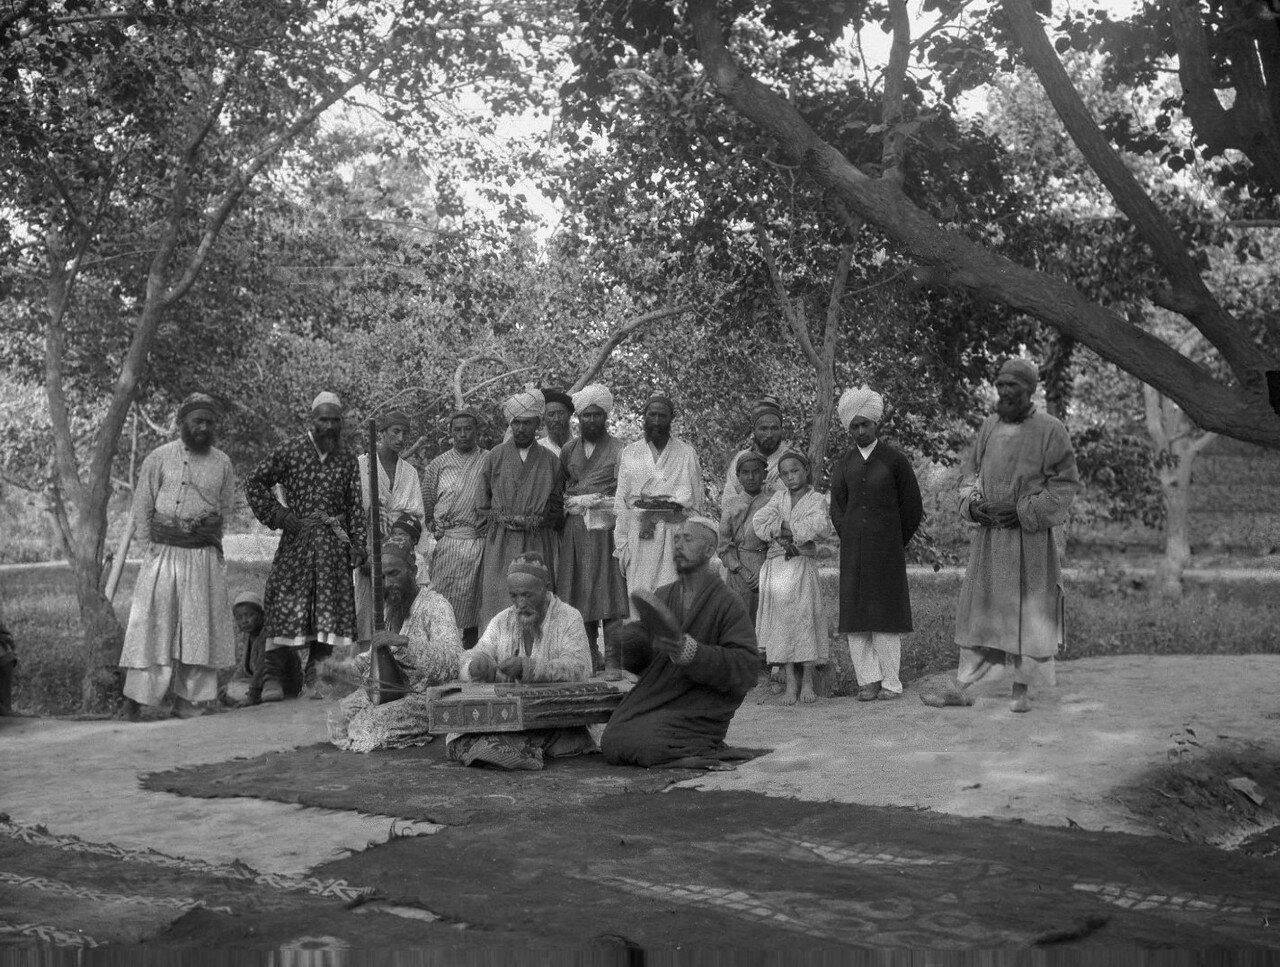 В саду дома британского генконсула сэра Джорджа Макартни. Три сартских музыканта